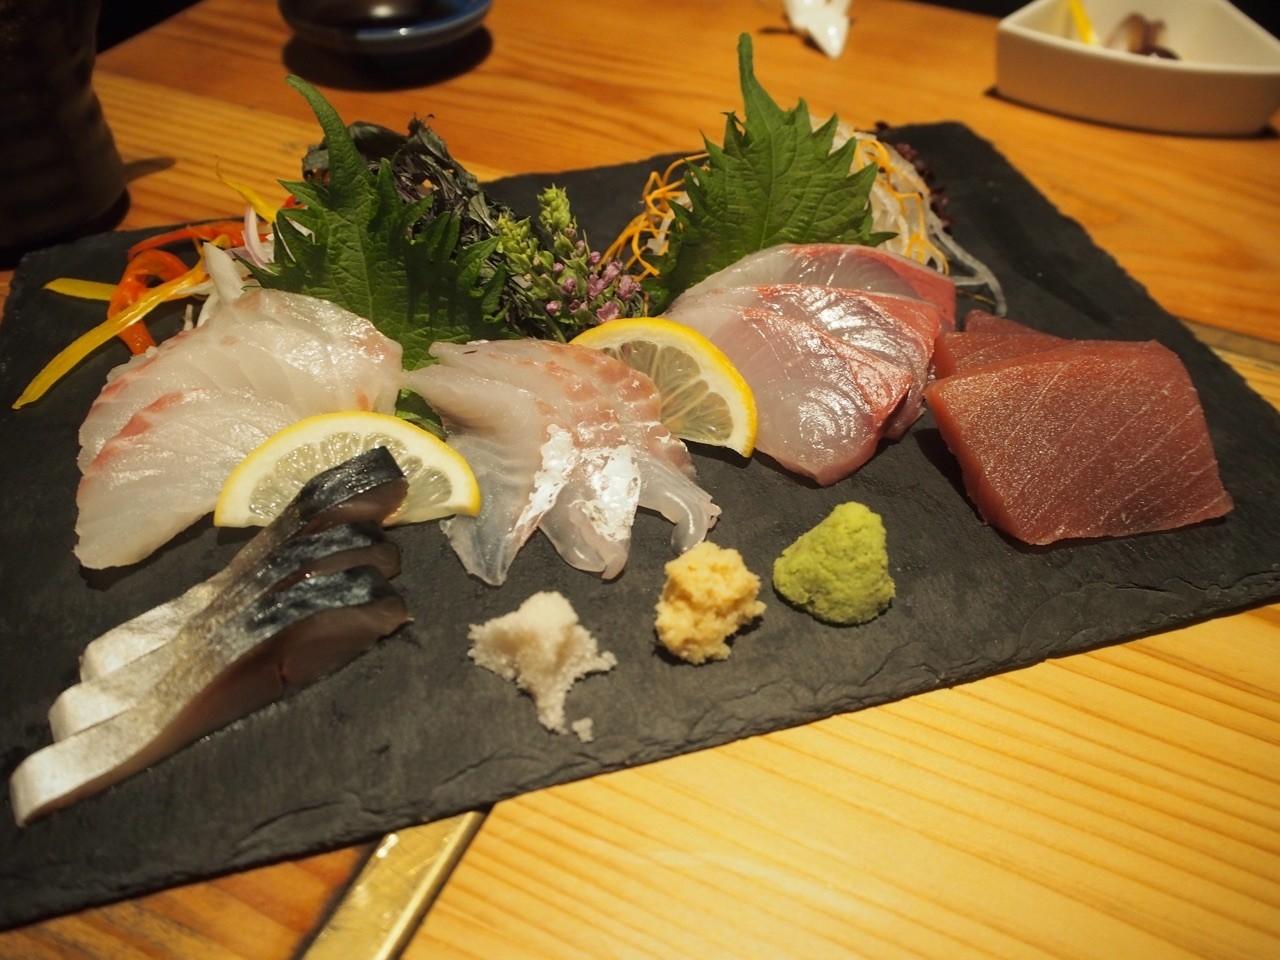 日本大阪居酒屋生魚片綜合拼盤